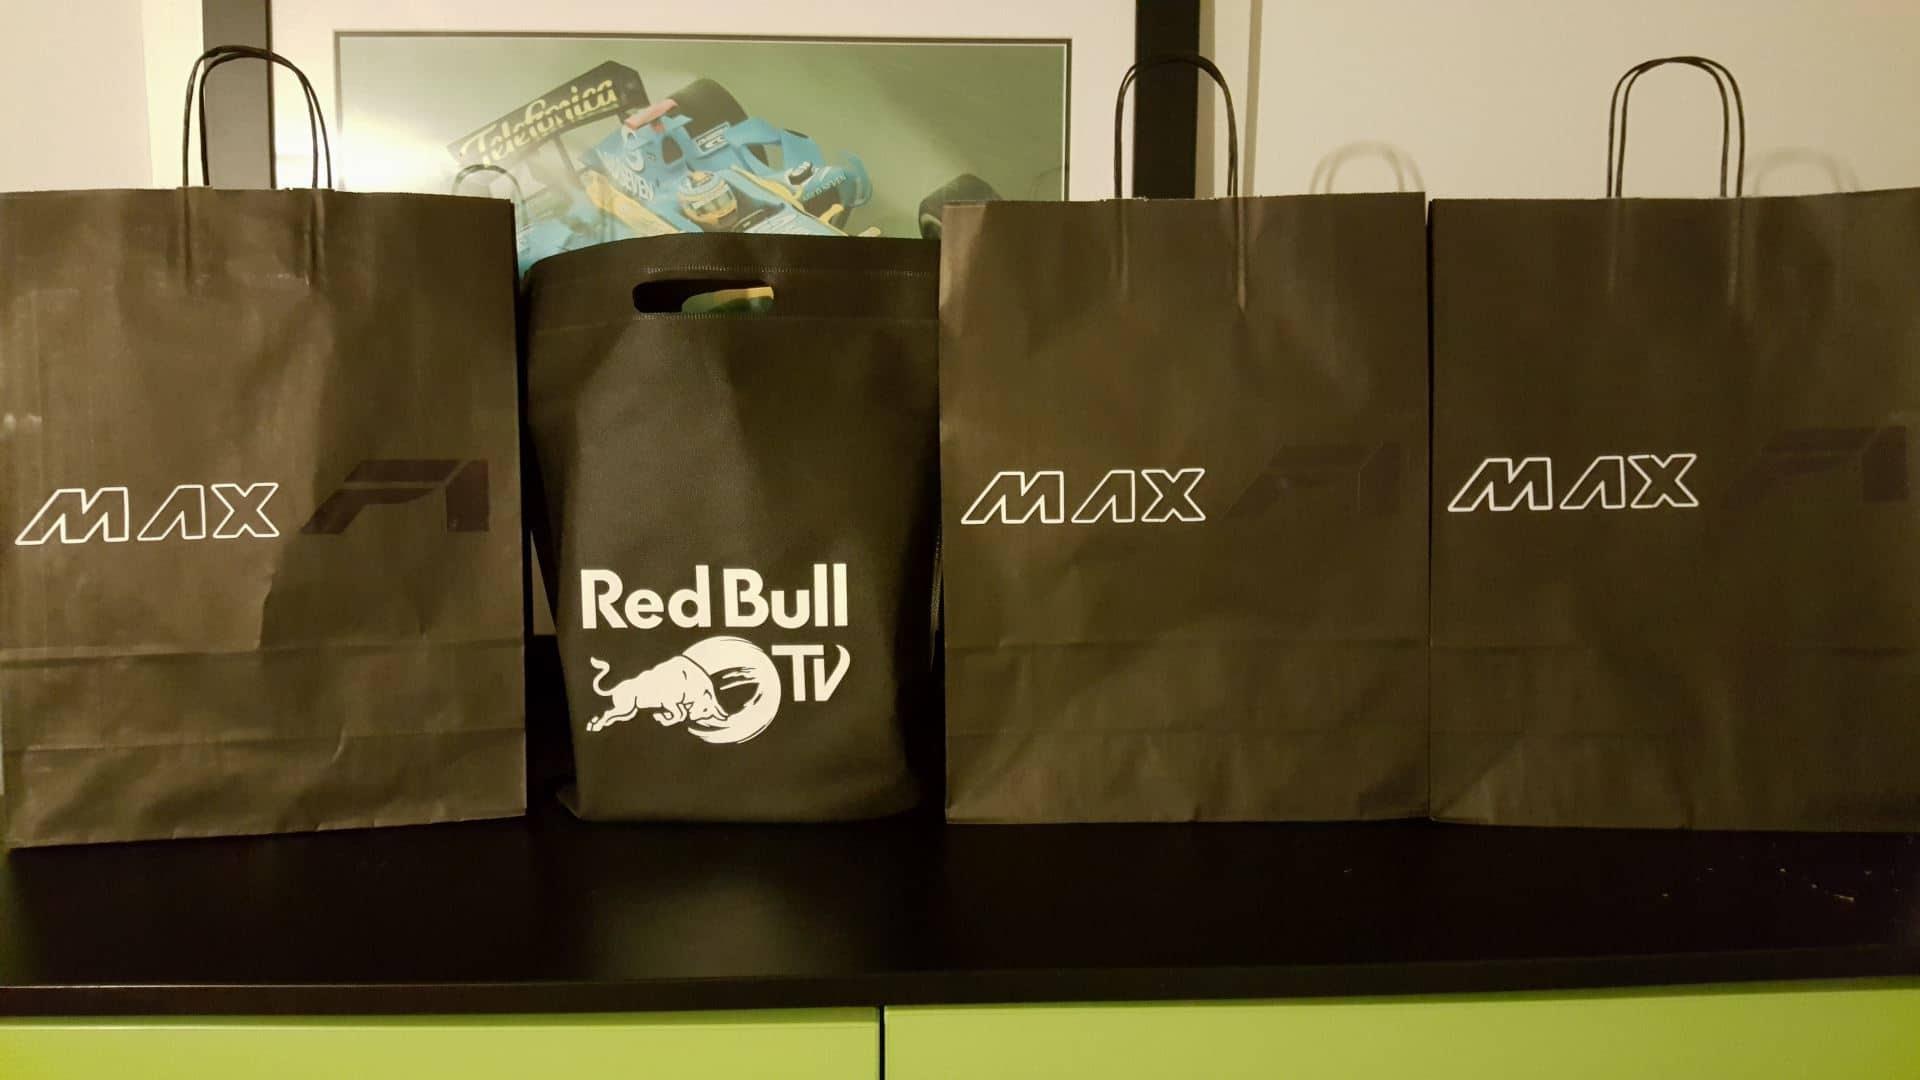 maxf1net pokloni australija f1 2017 foto maxf1net